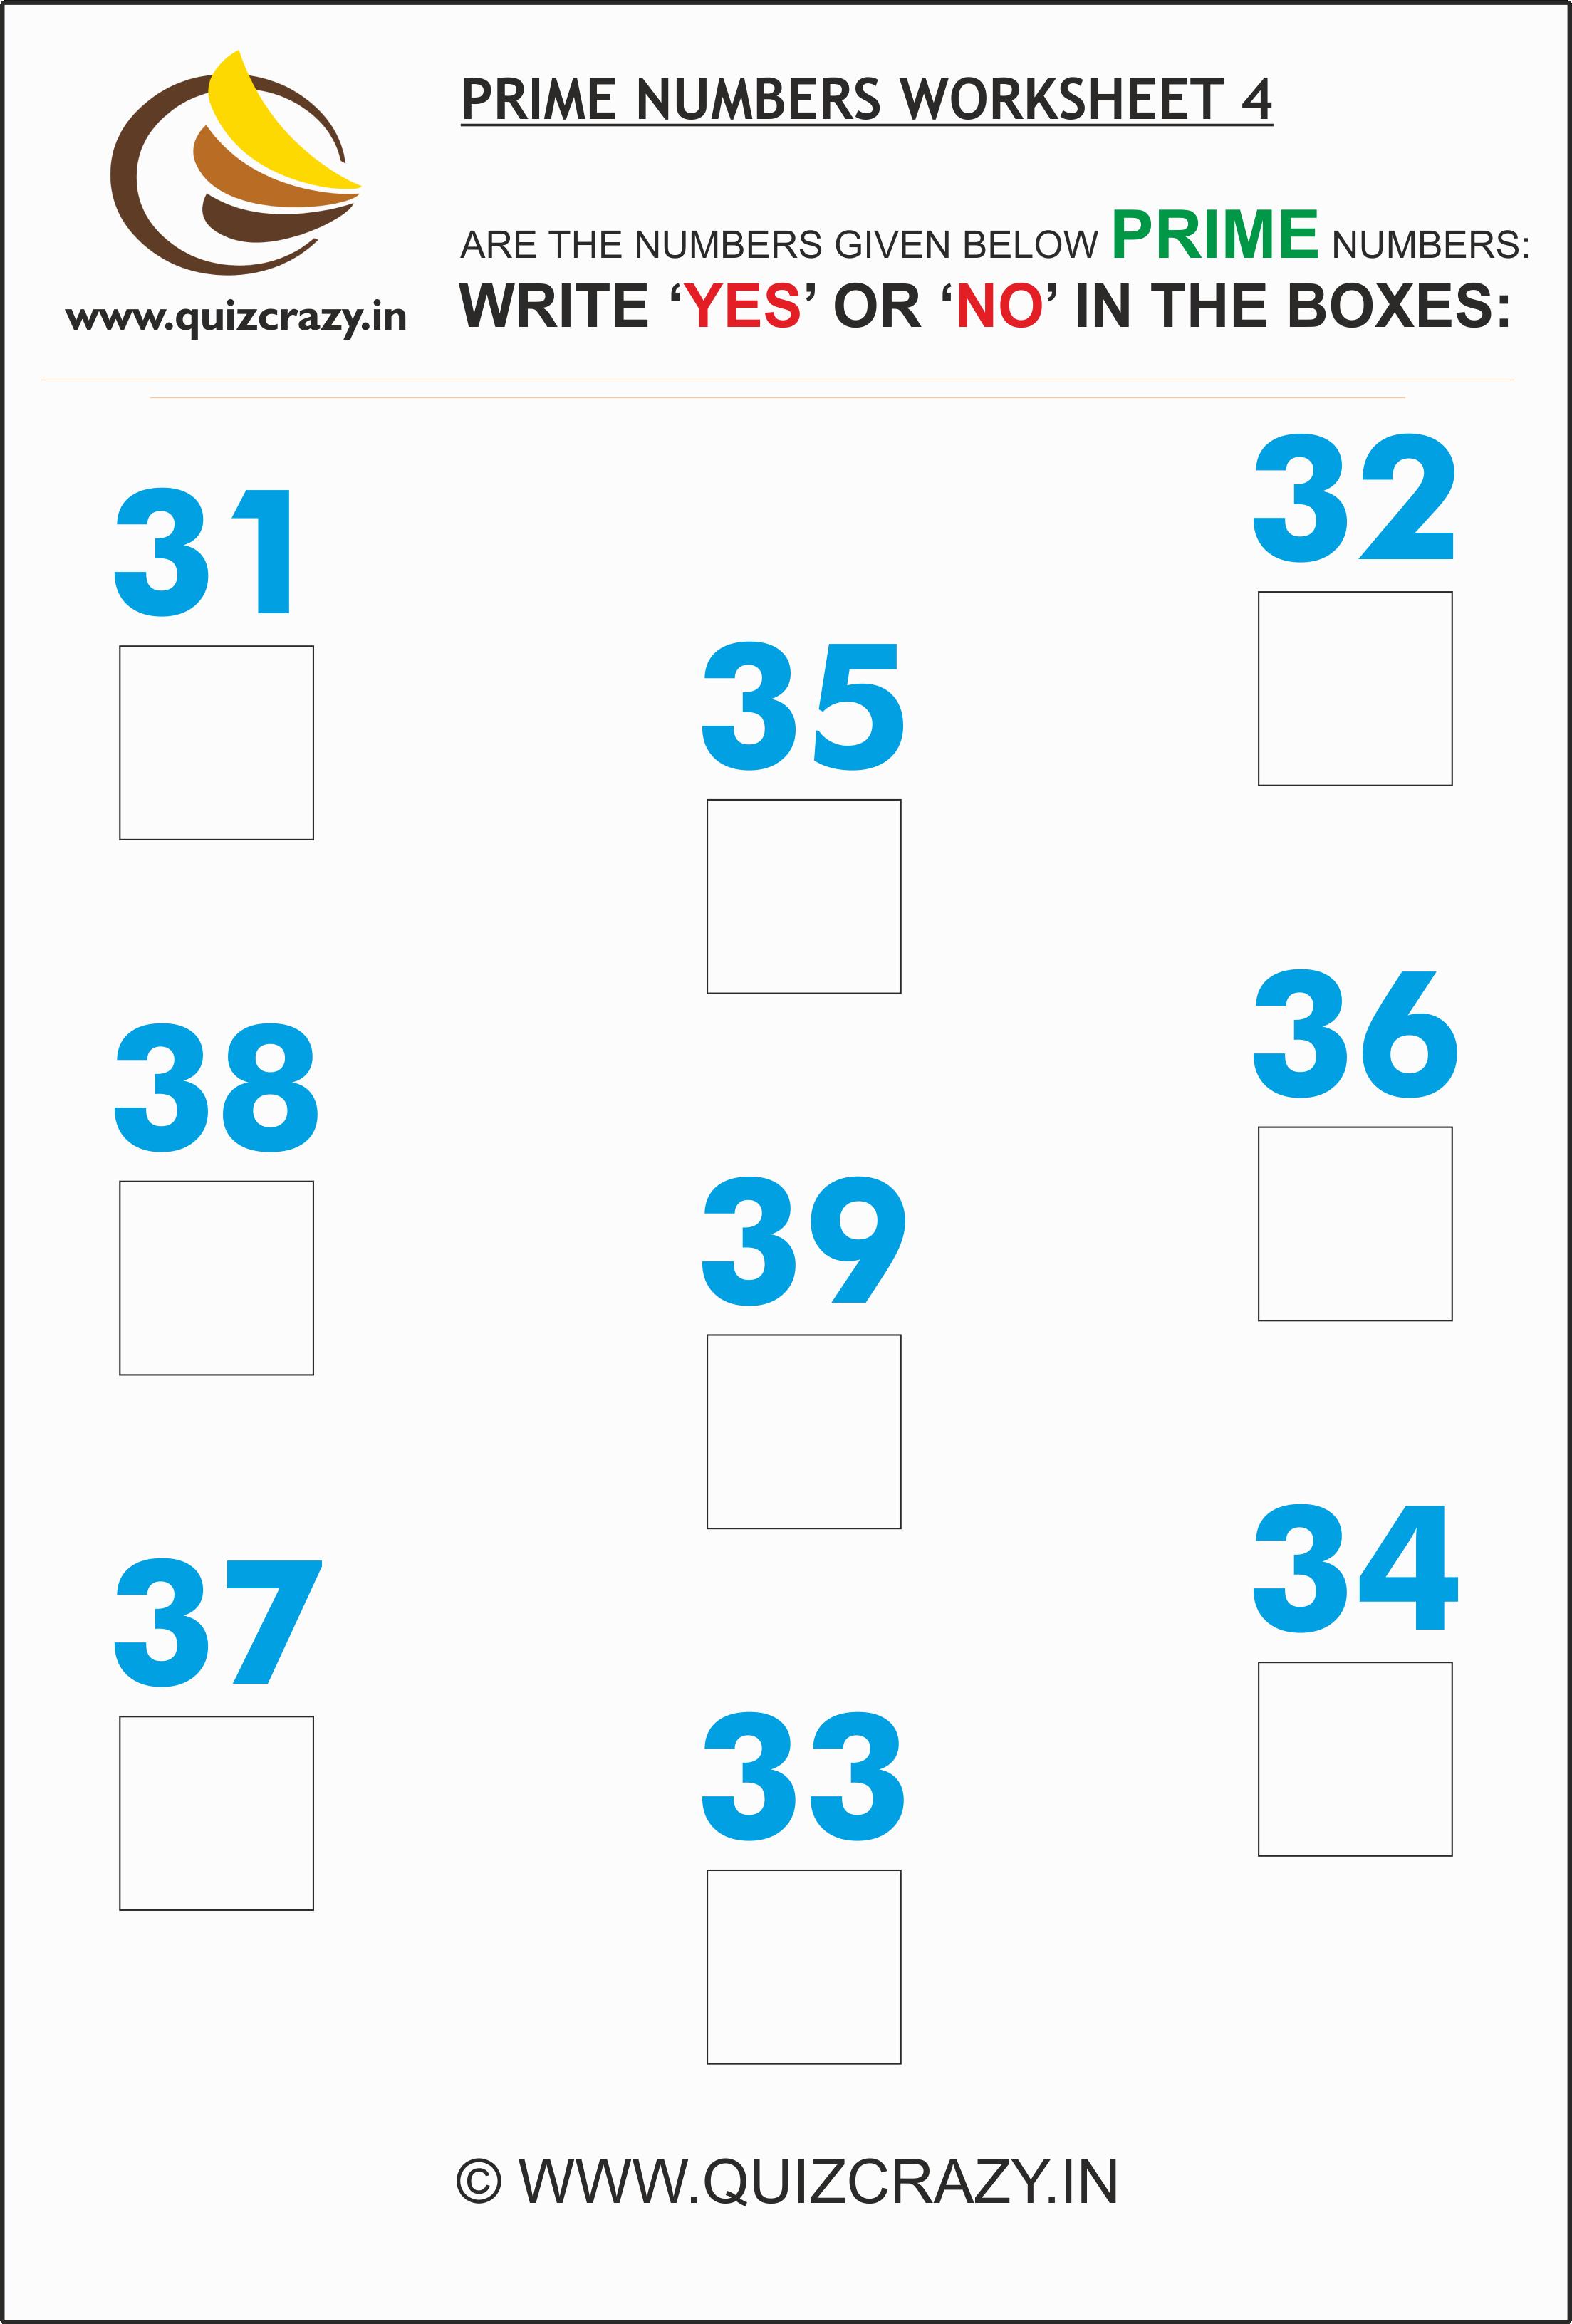 Prime Numbers Worksheet Set 4